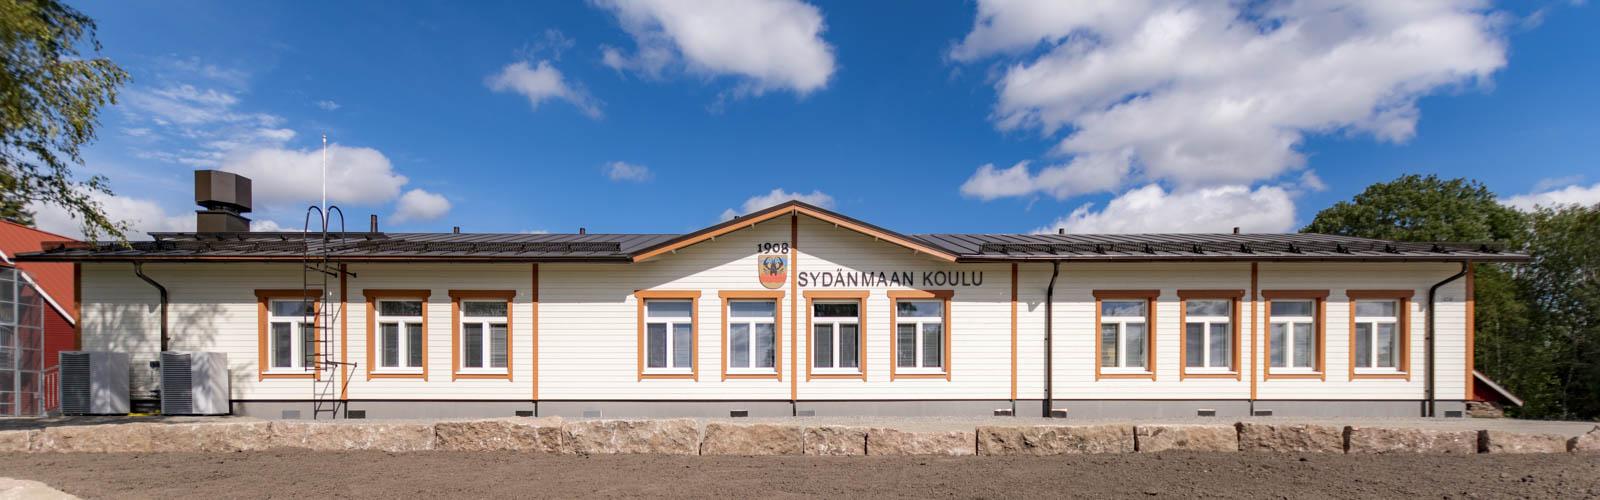 Kyläkoulu edestä puuKoulu Sydänmaa Eurajoki koulurakennus ulkoa tien puoli (11)